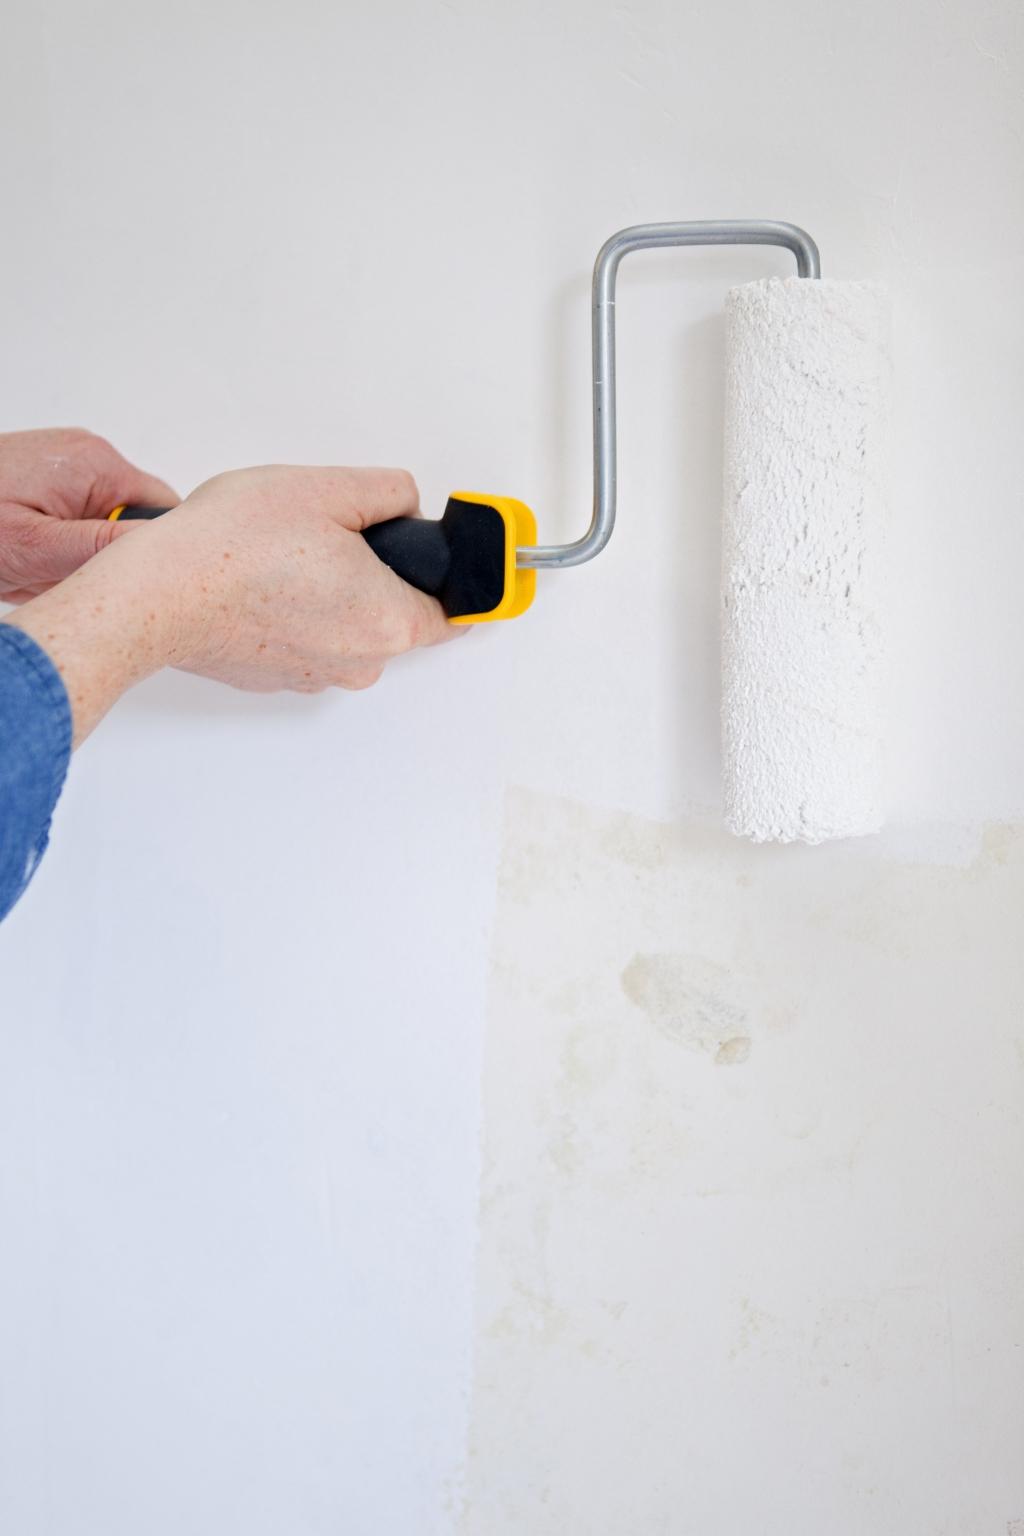 Peindre des murs avec de la peinture anti bruit - Étape 3